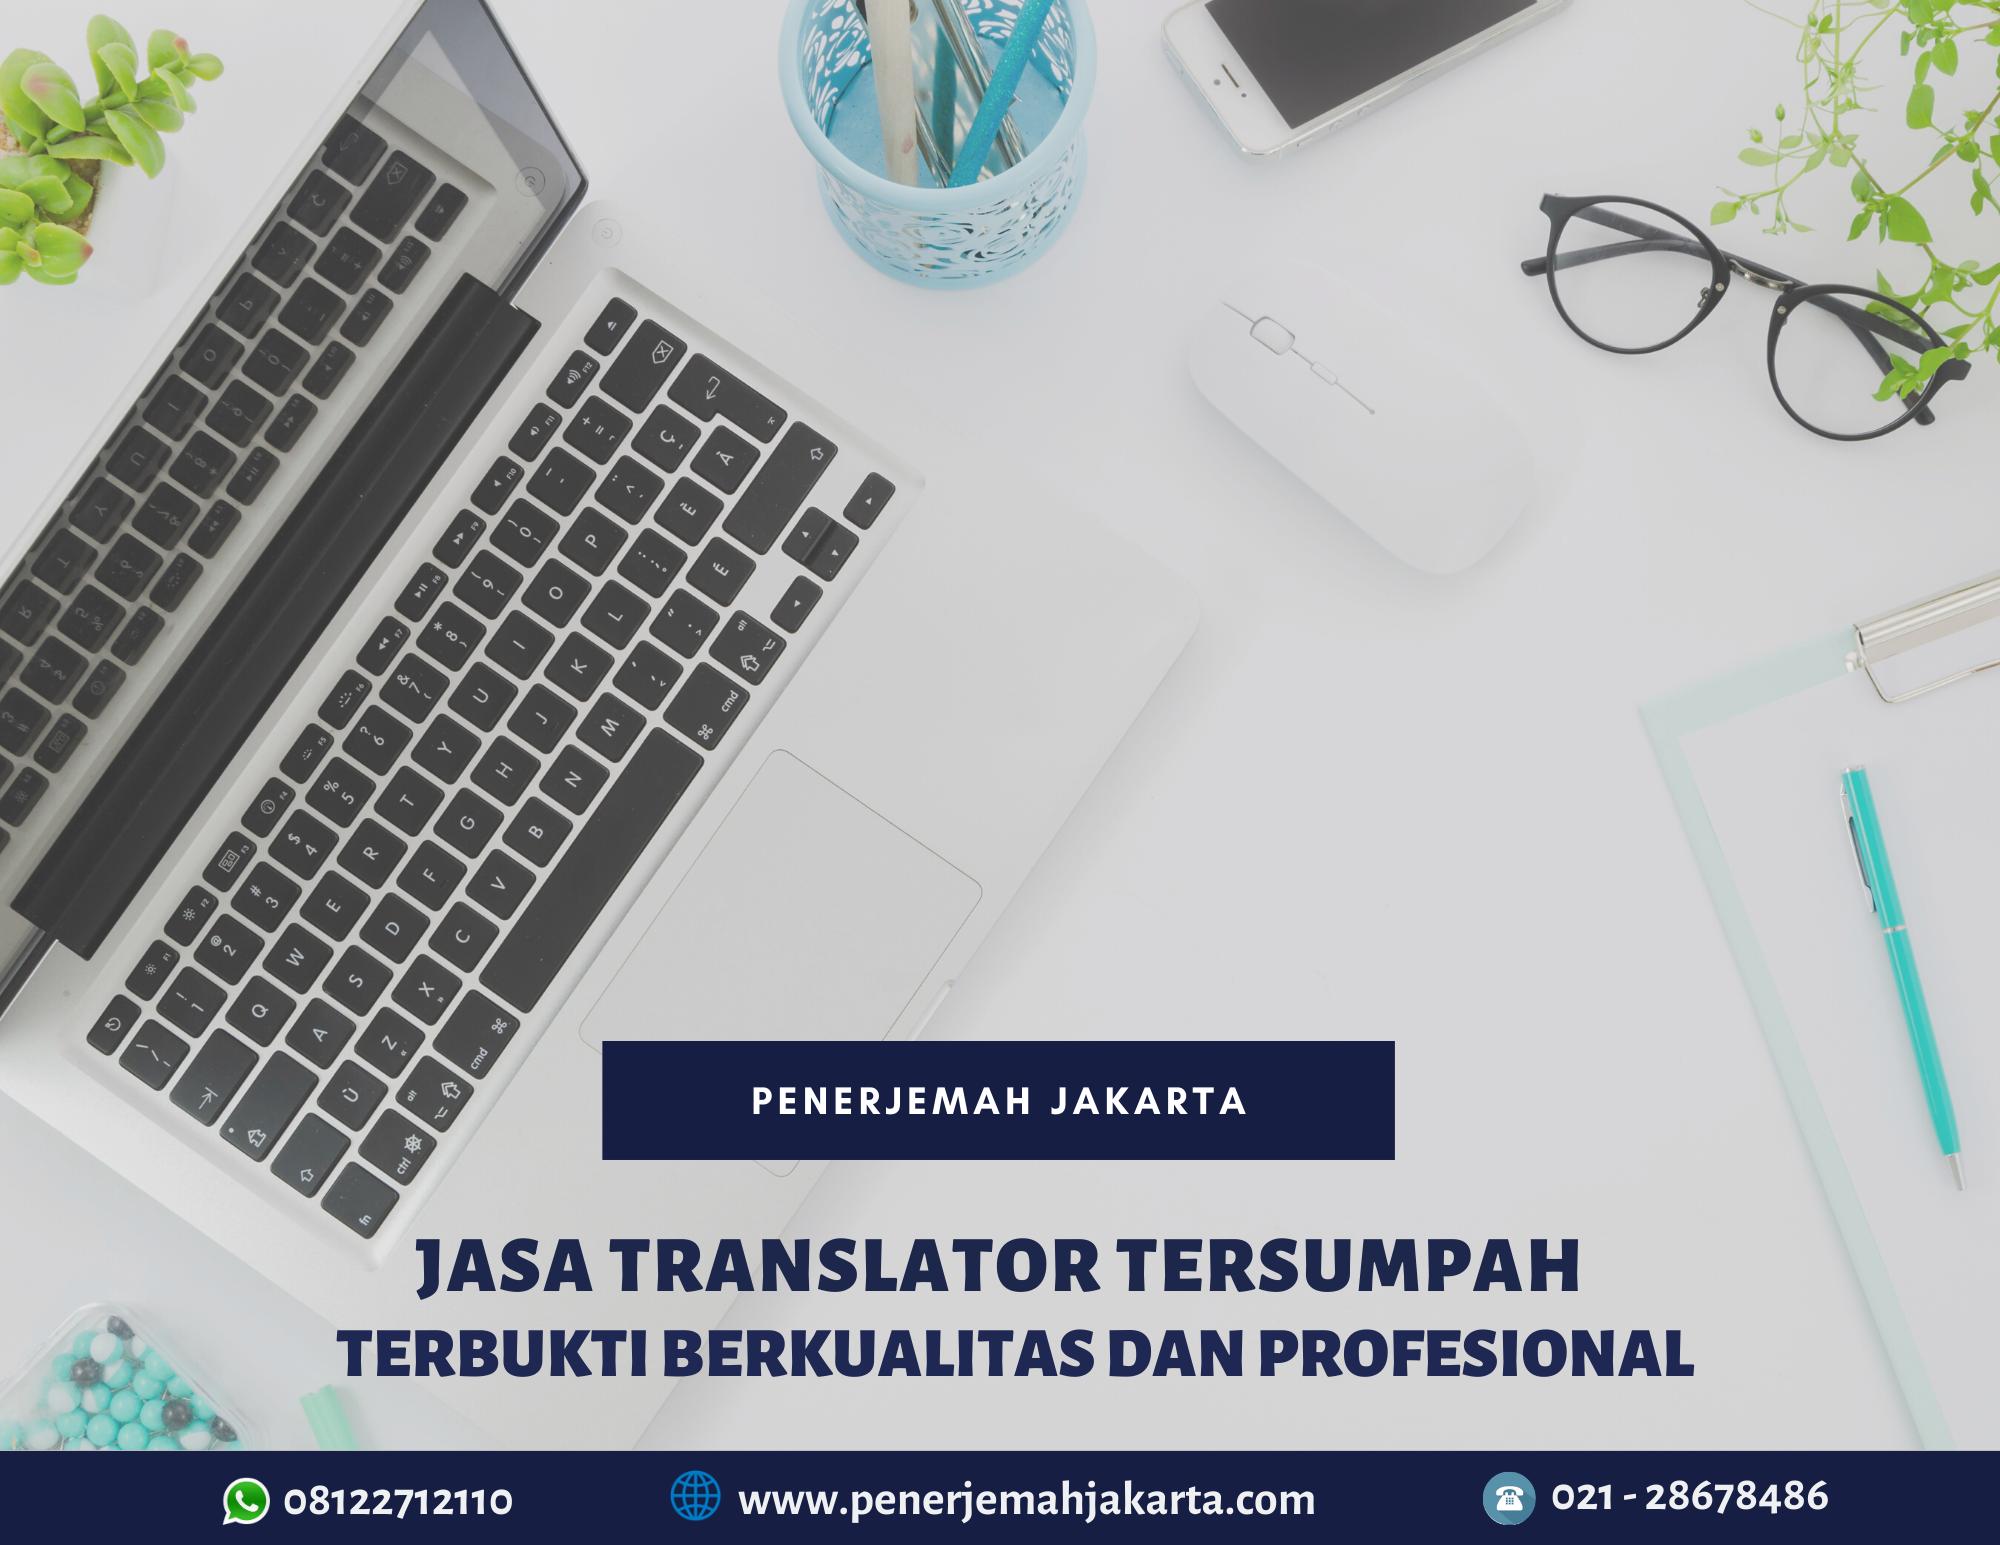 Jasa translator tersumpah